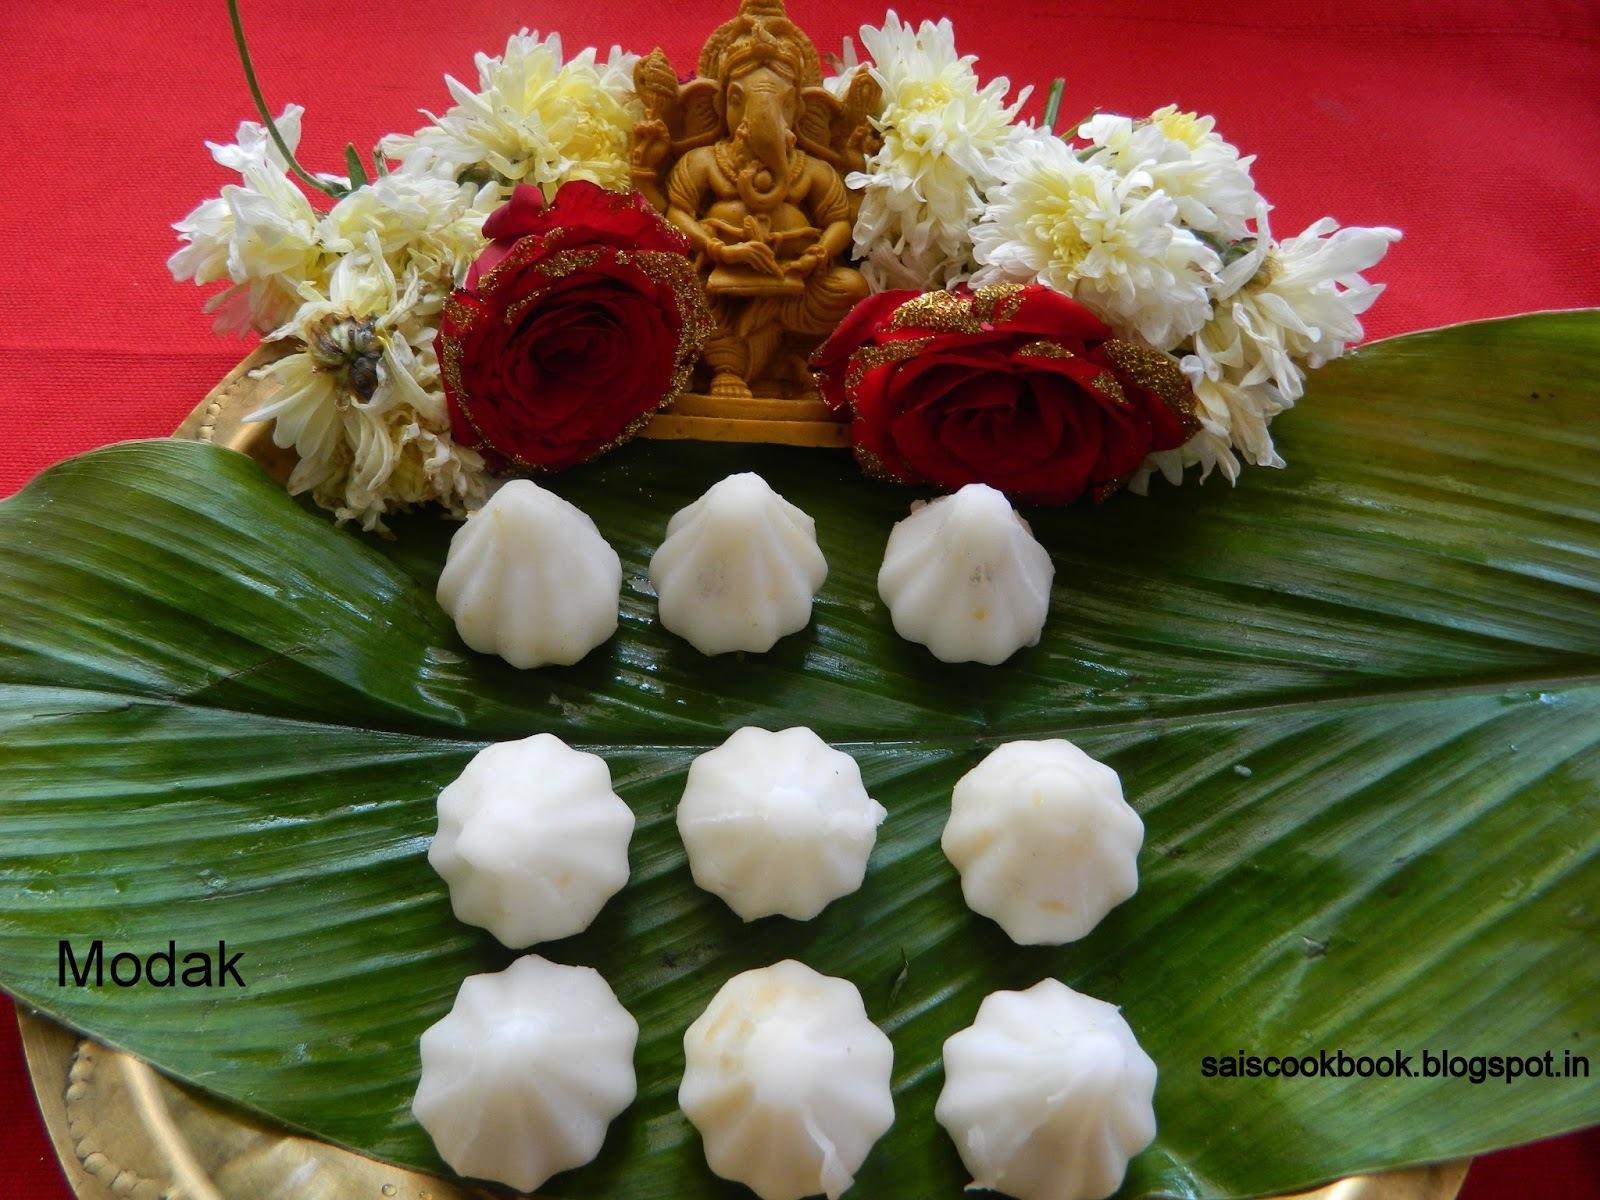 Modak,Ganesh Chaturthi special